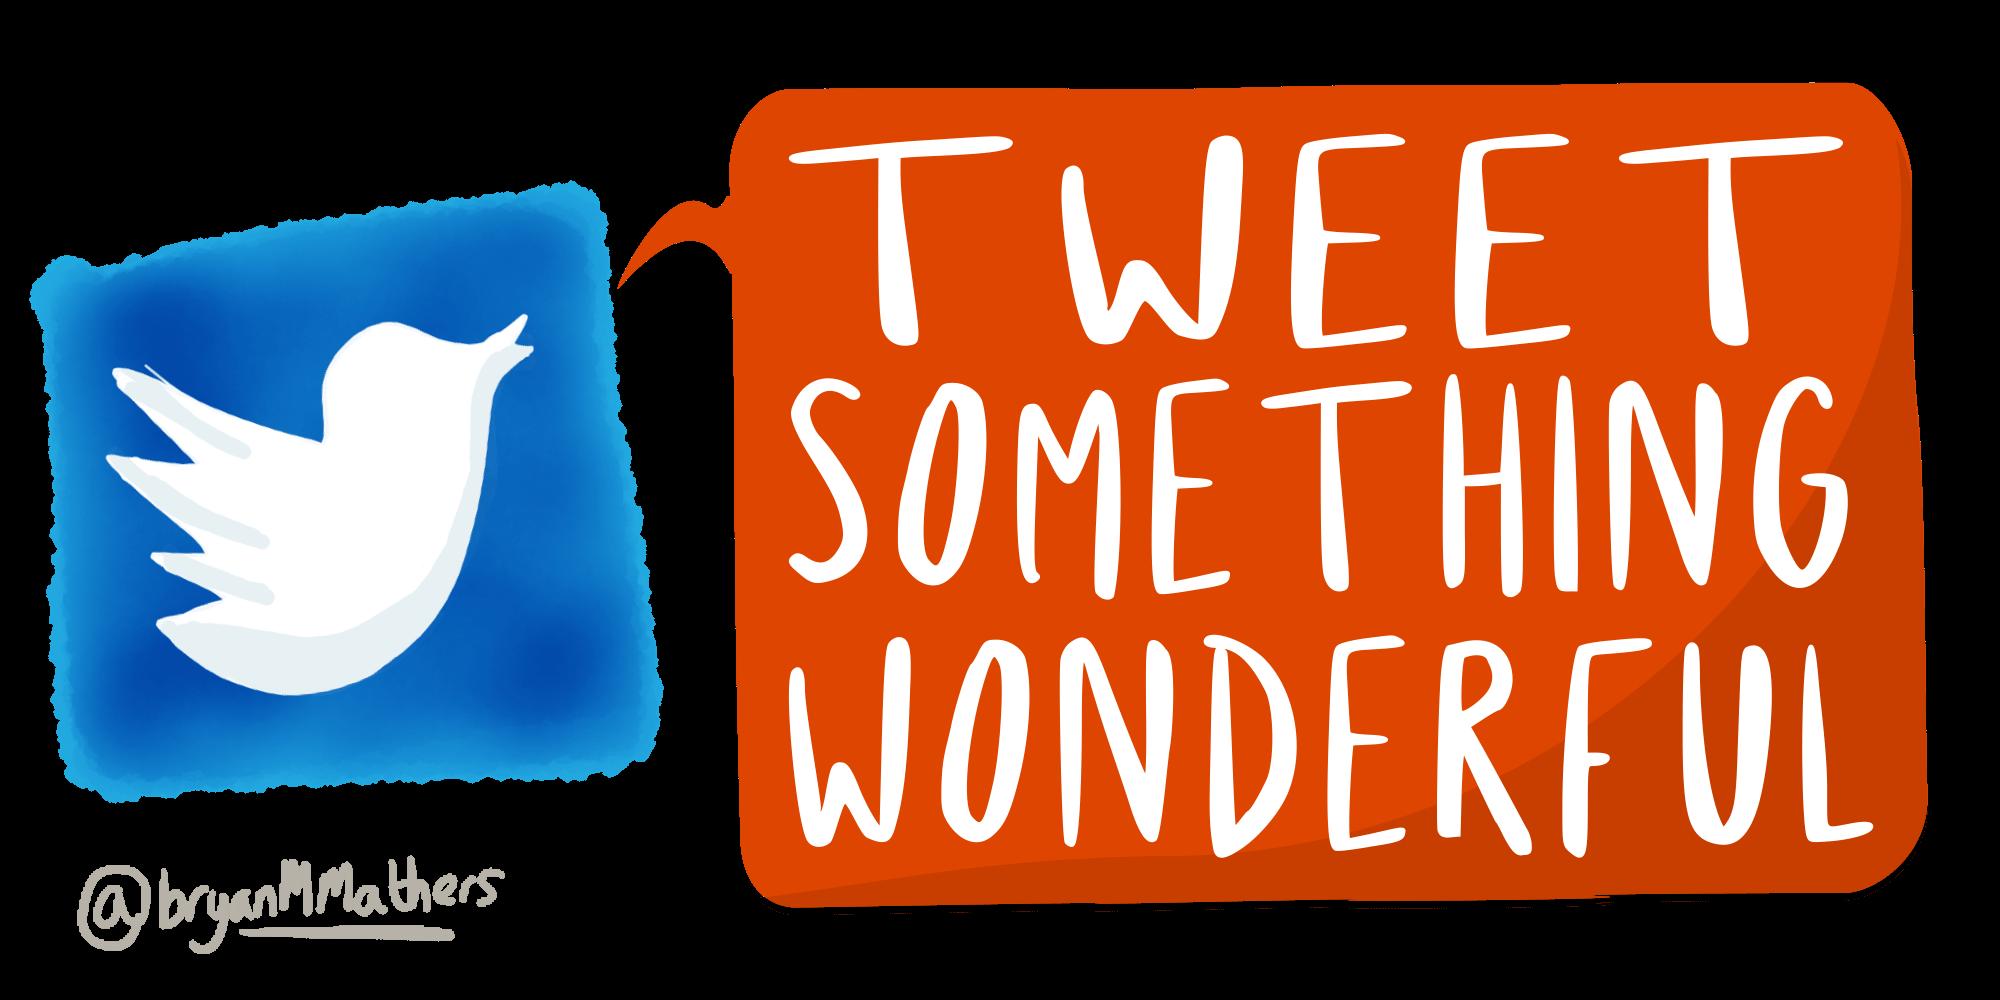 Tweet Something Meaningful